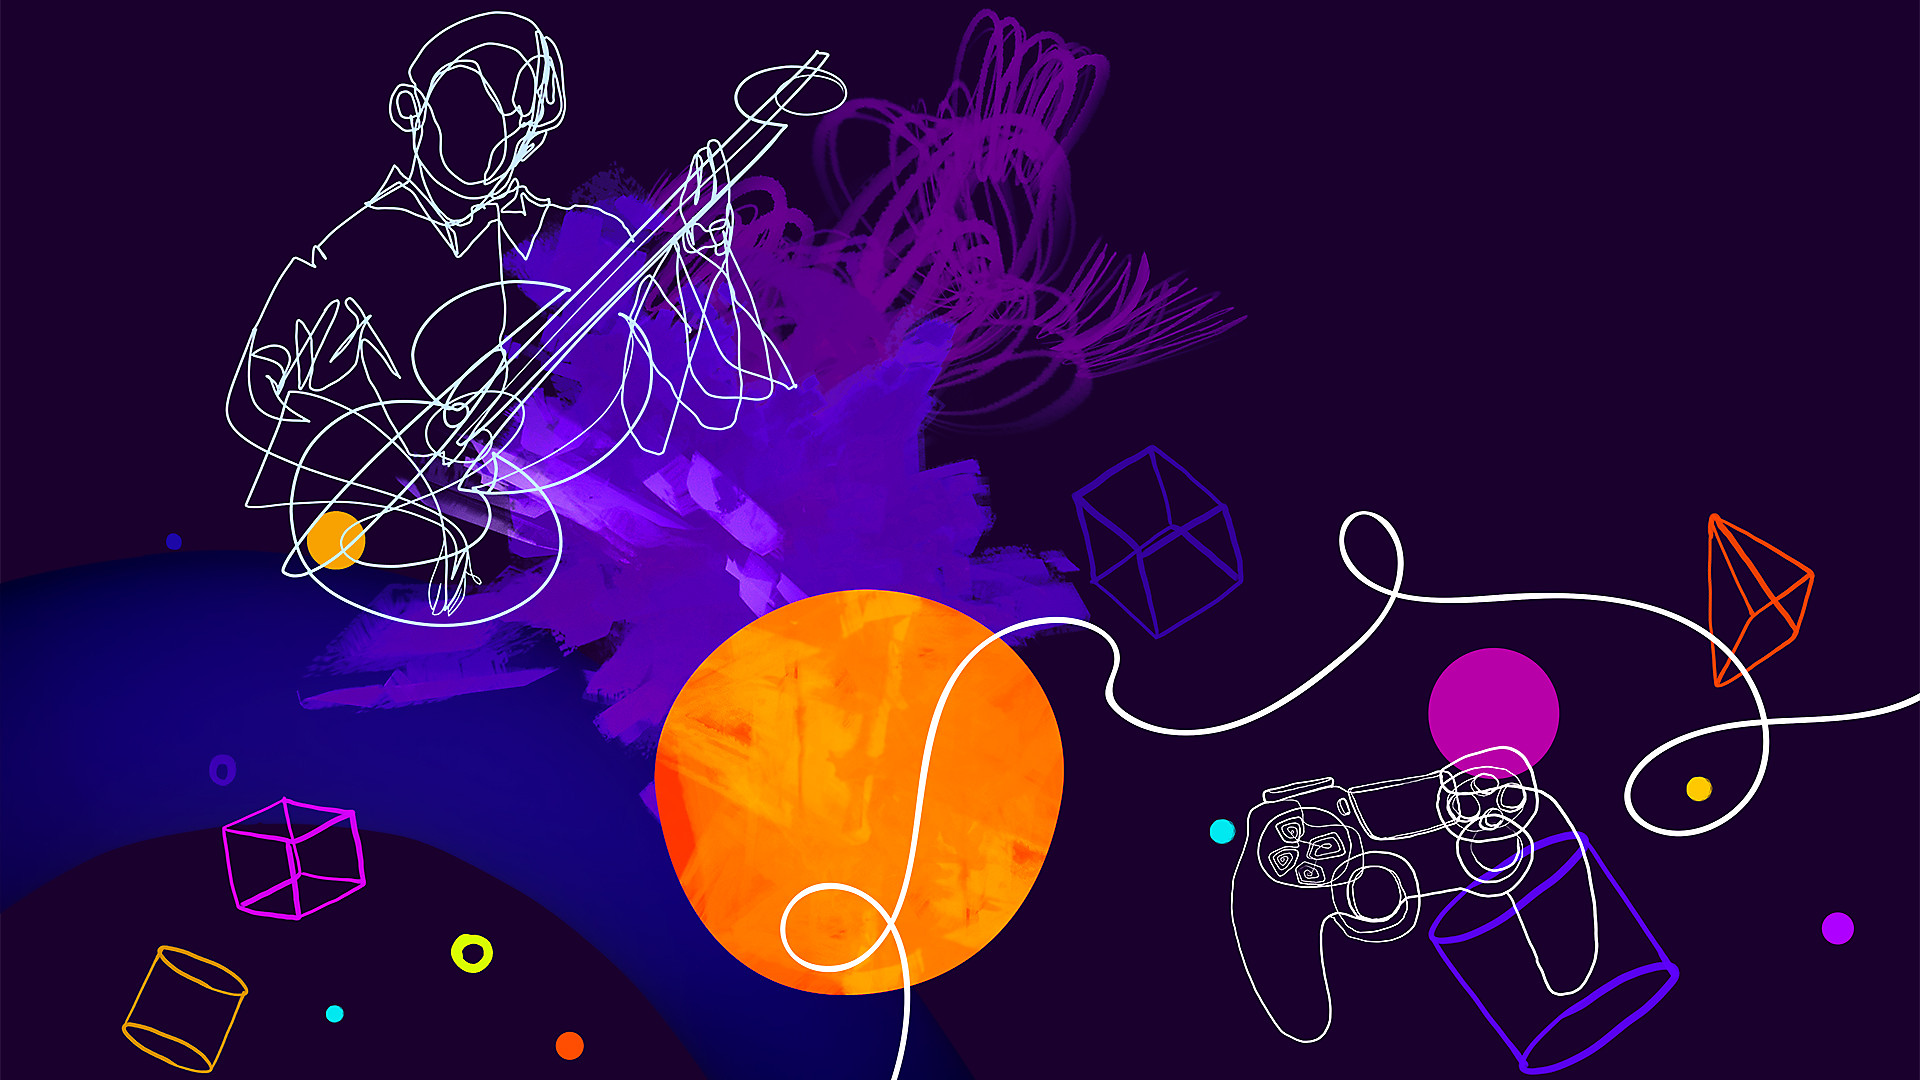 dreams game wallpaper 72506